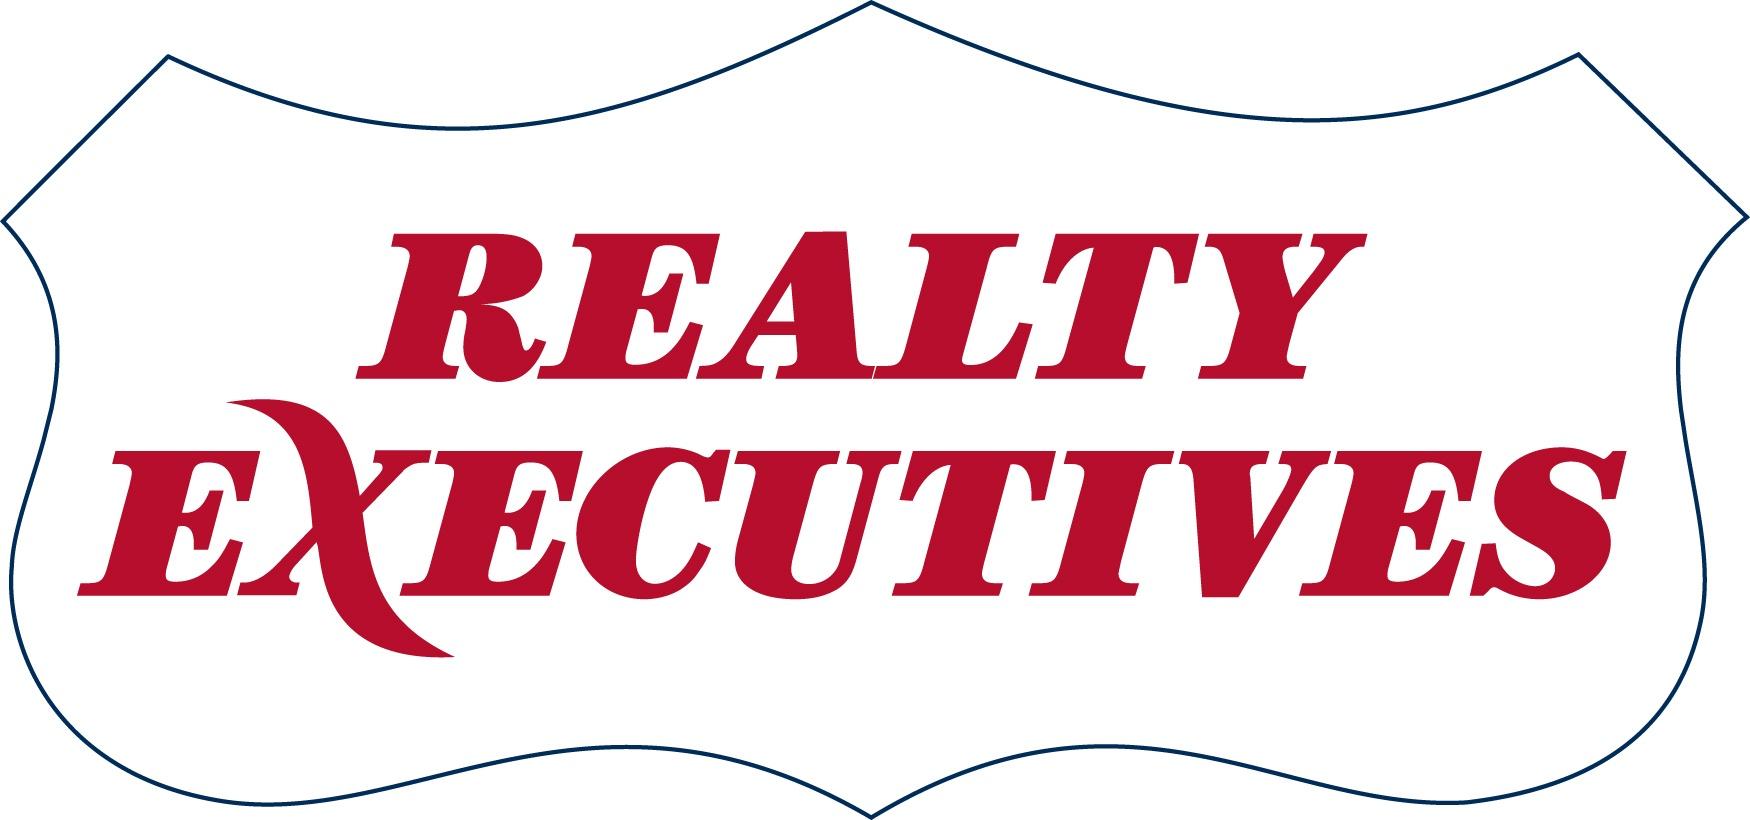 Realty Executives Valleywide Escrow